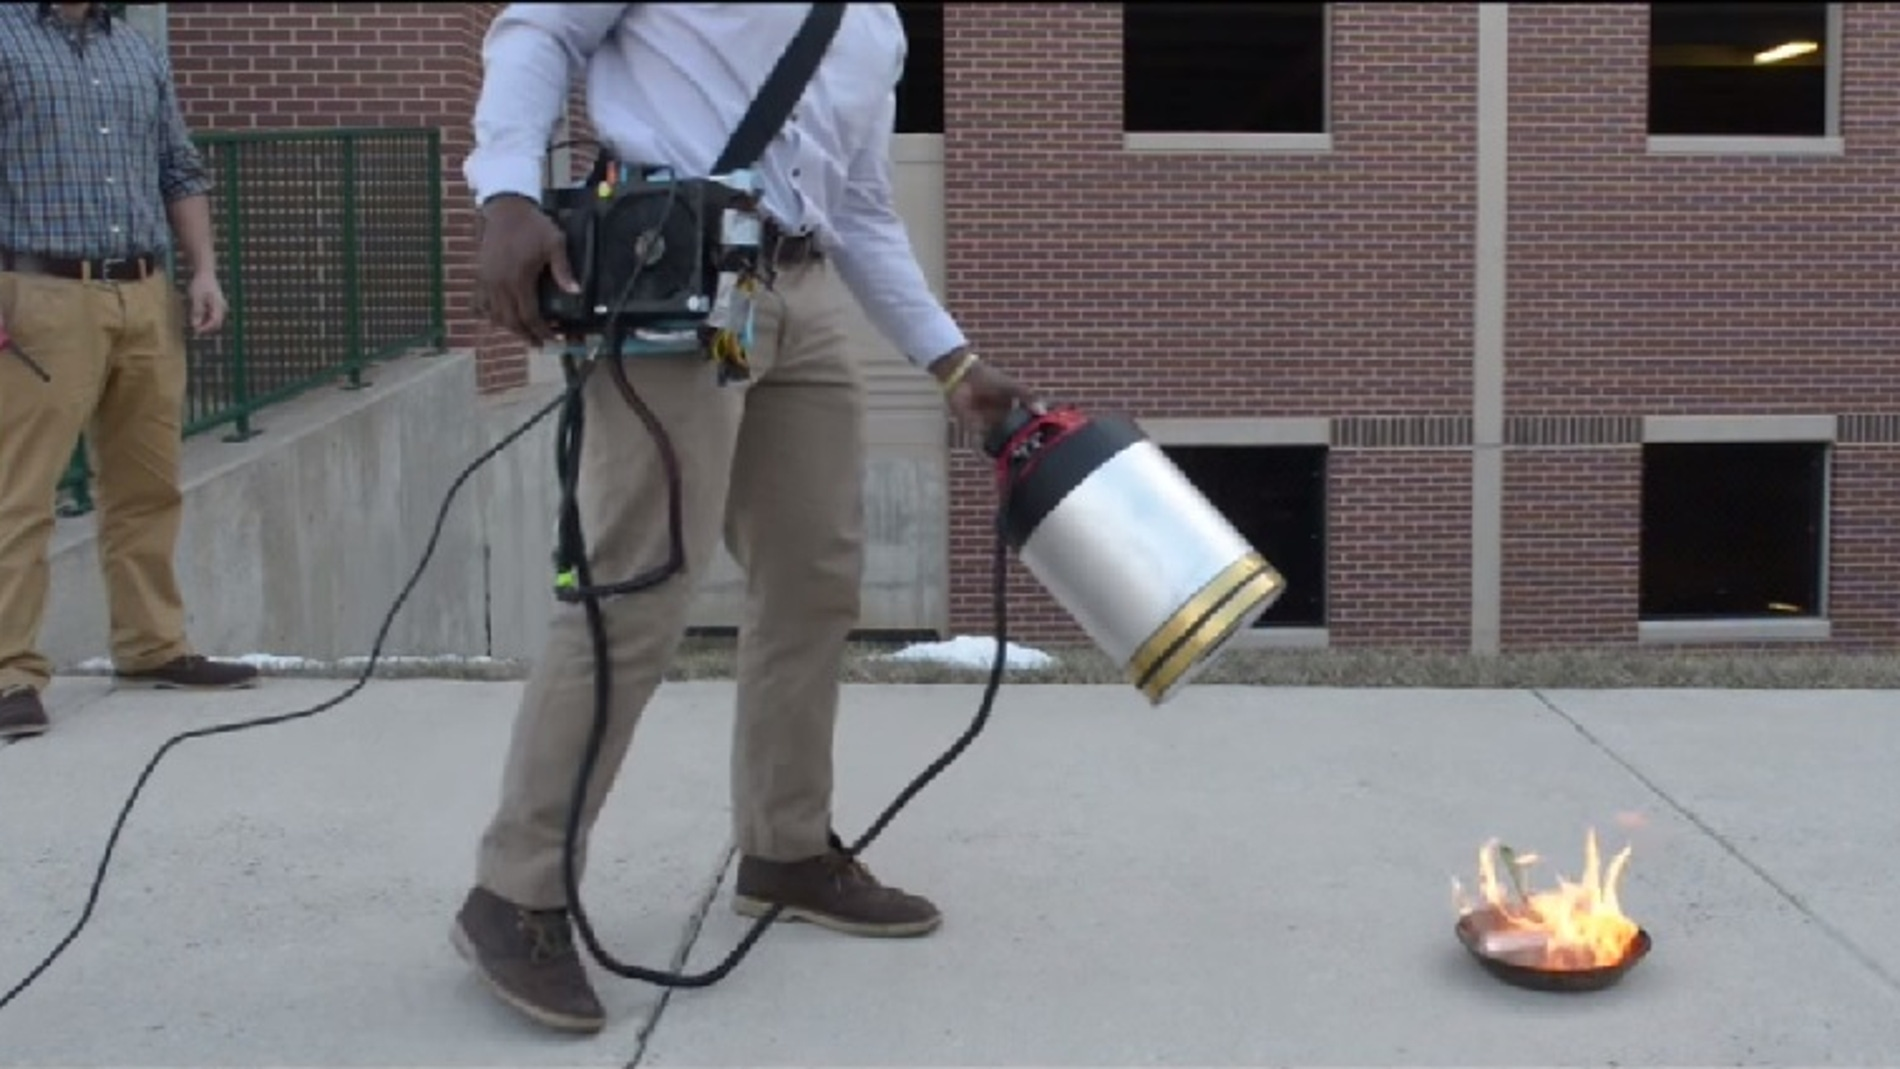 Invento creado para apagar fuegos